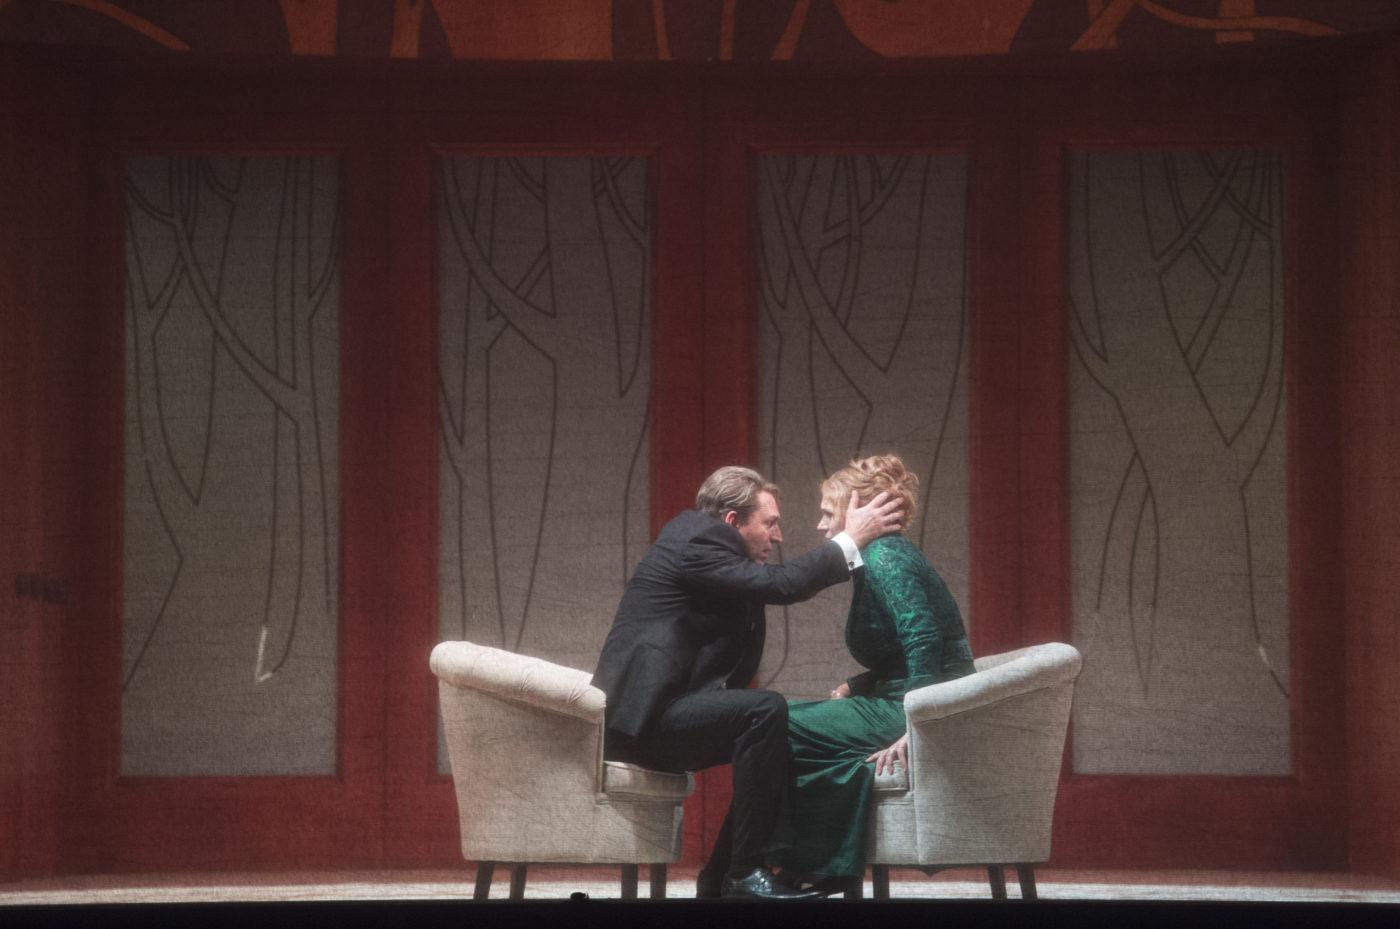 Staatsoper Unter den Linden Berlin/Tristan und Isolde/ Andreas Schager (Tristan), Anja Kampe (Isolde)/ Foto @ Credits: Monika Rittershaus